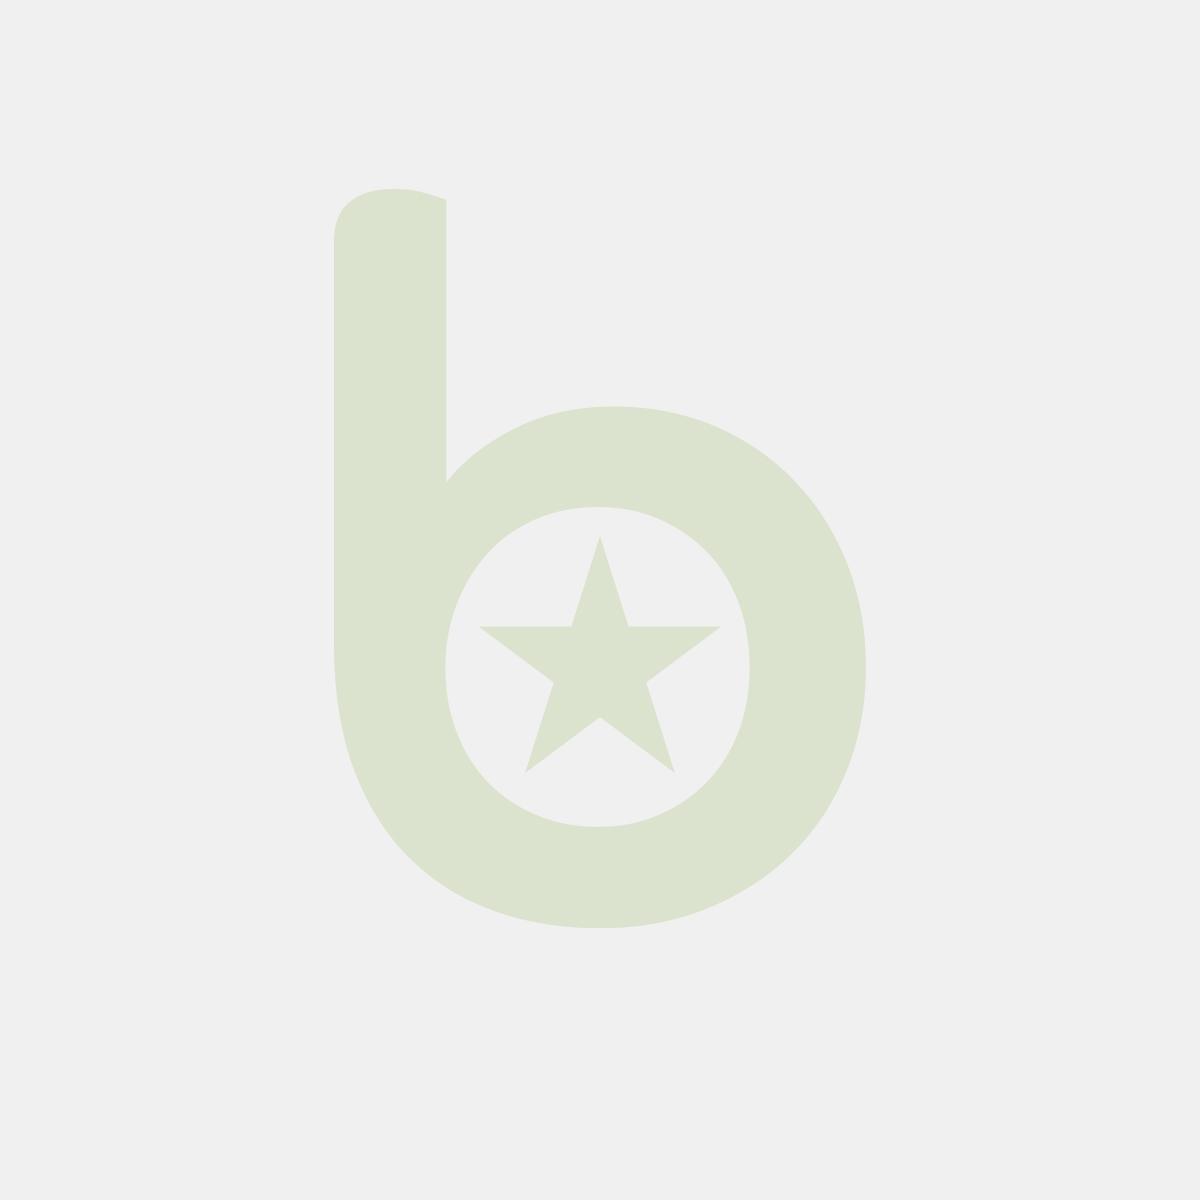 Akacja - mini skrzynka bufetowa 26x15x11,7cm